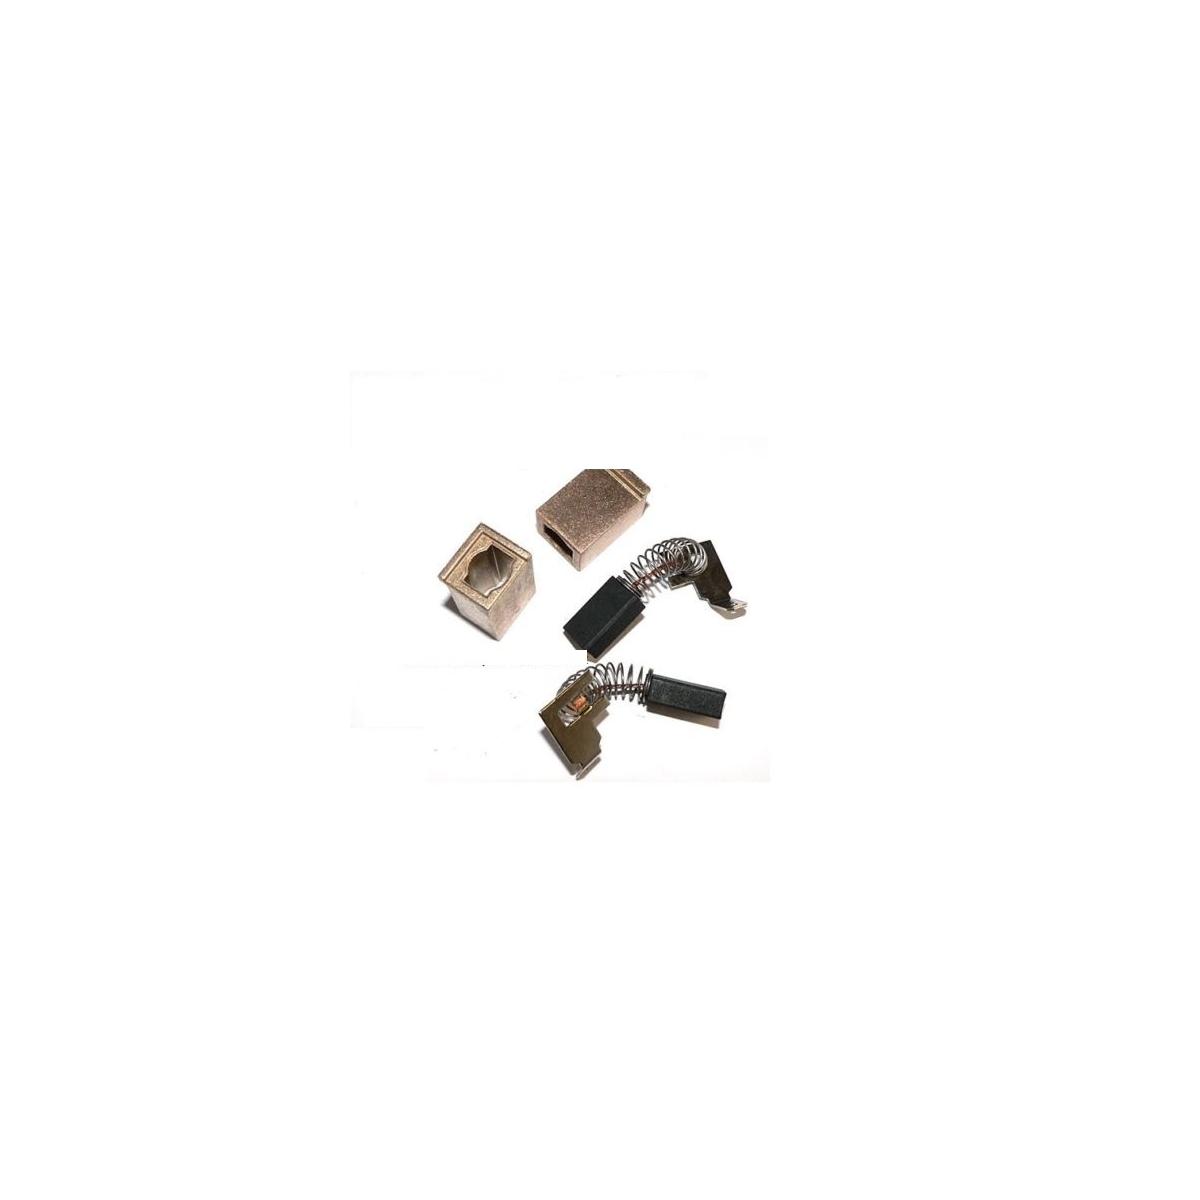 Paire de balais de charbon pour Metabo EW 117 7025 S 7100 S 7115 S 7115 S 7116 S 7117